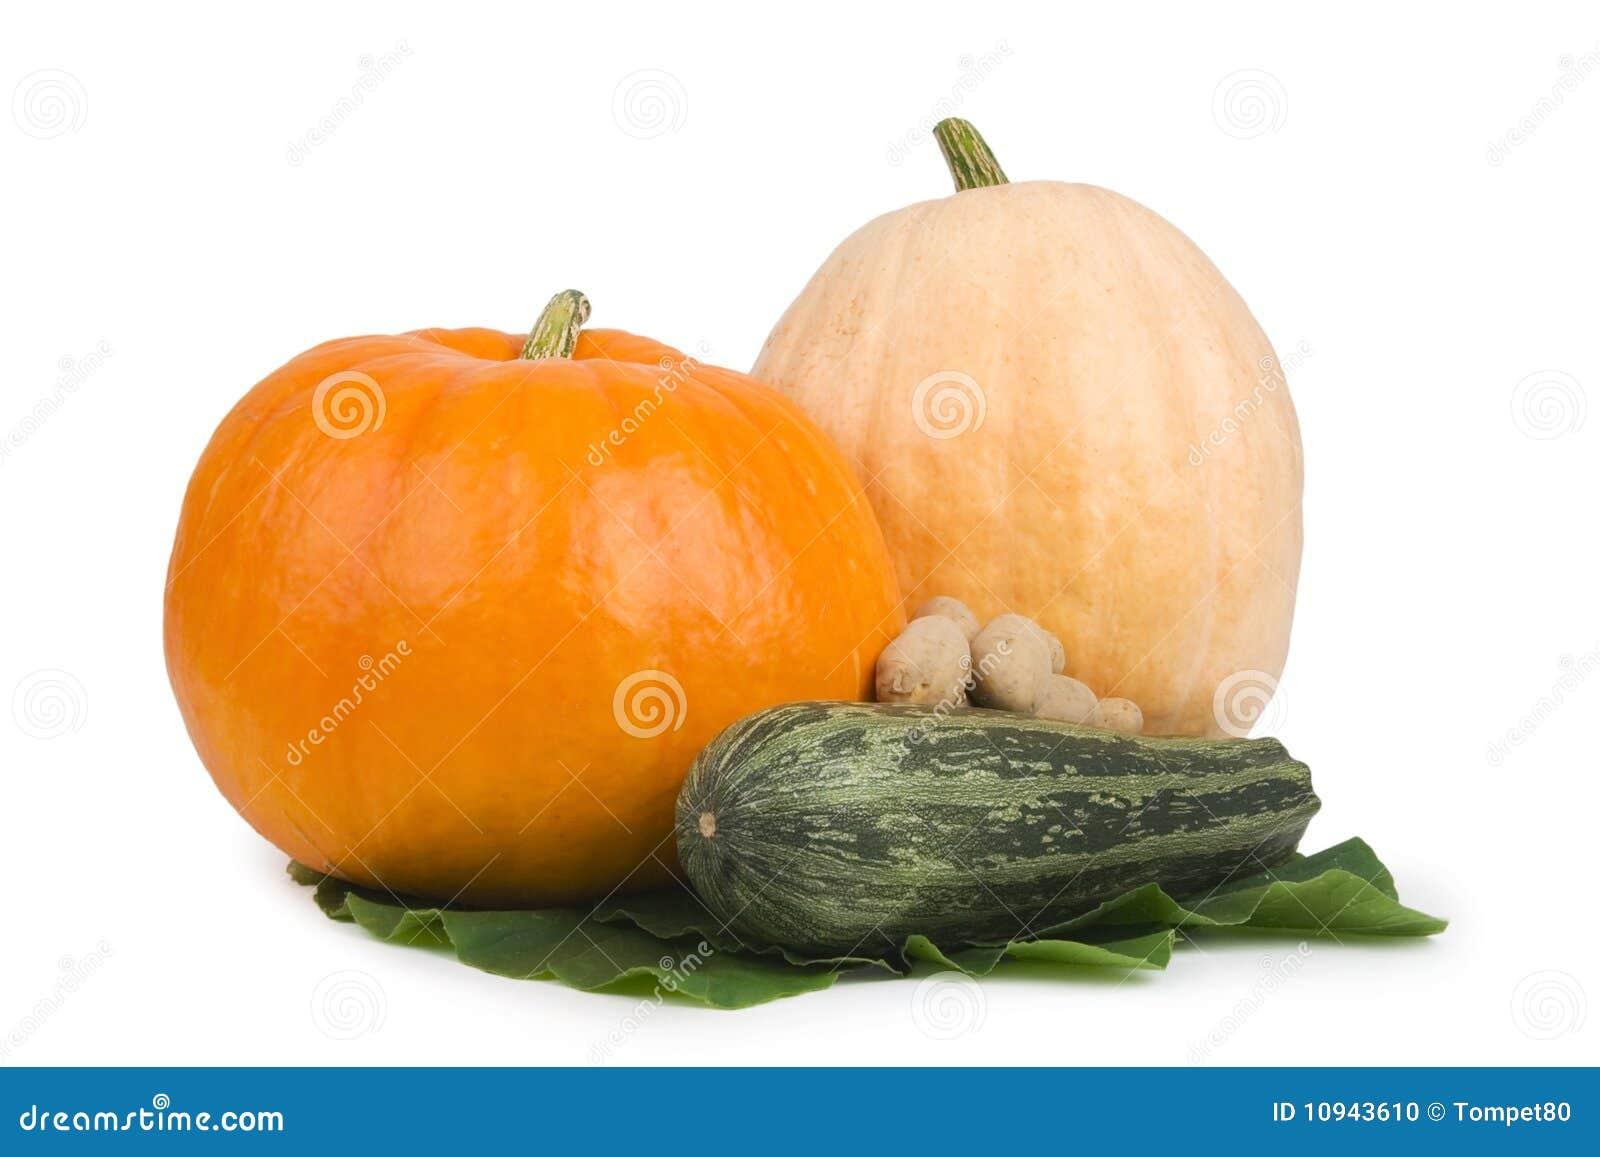 Marrows pumpkin two